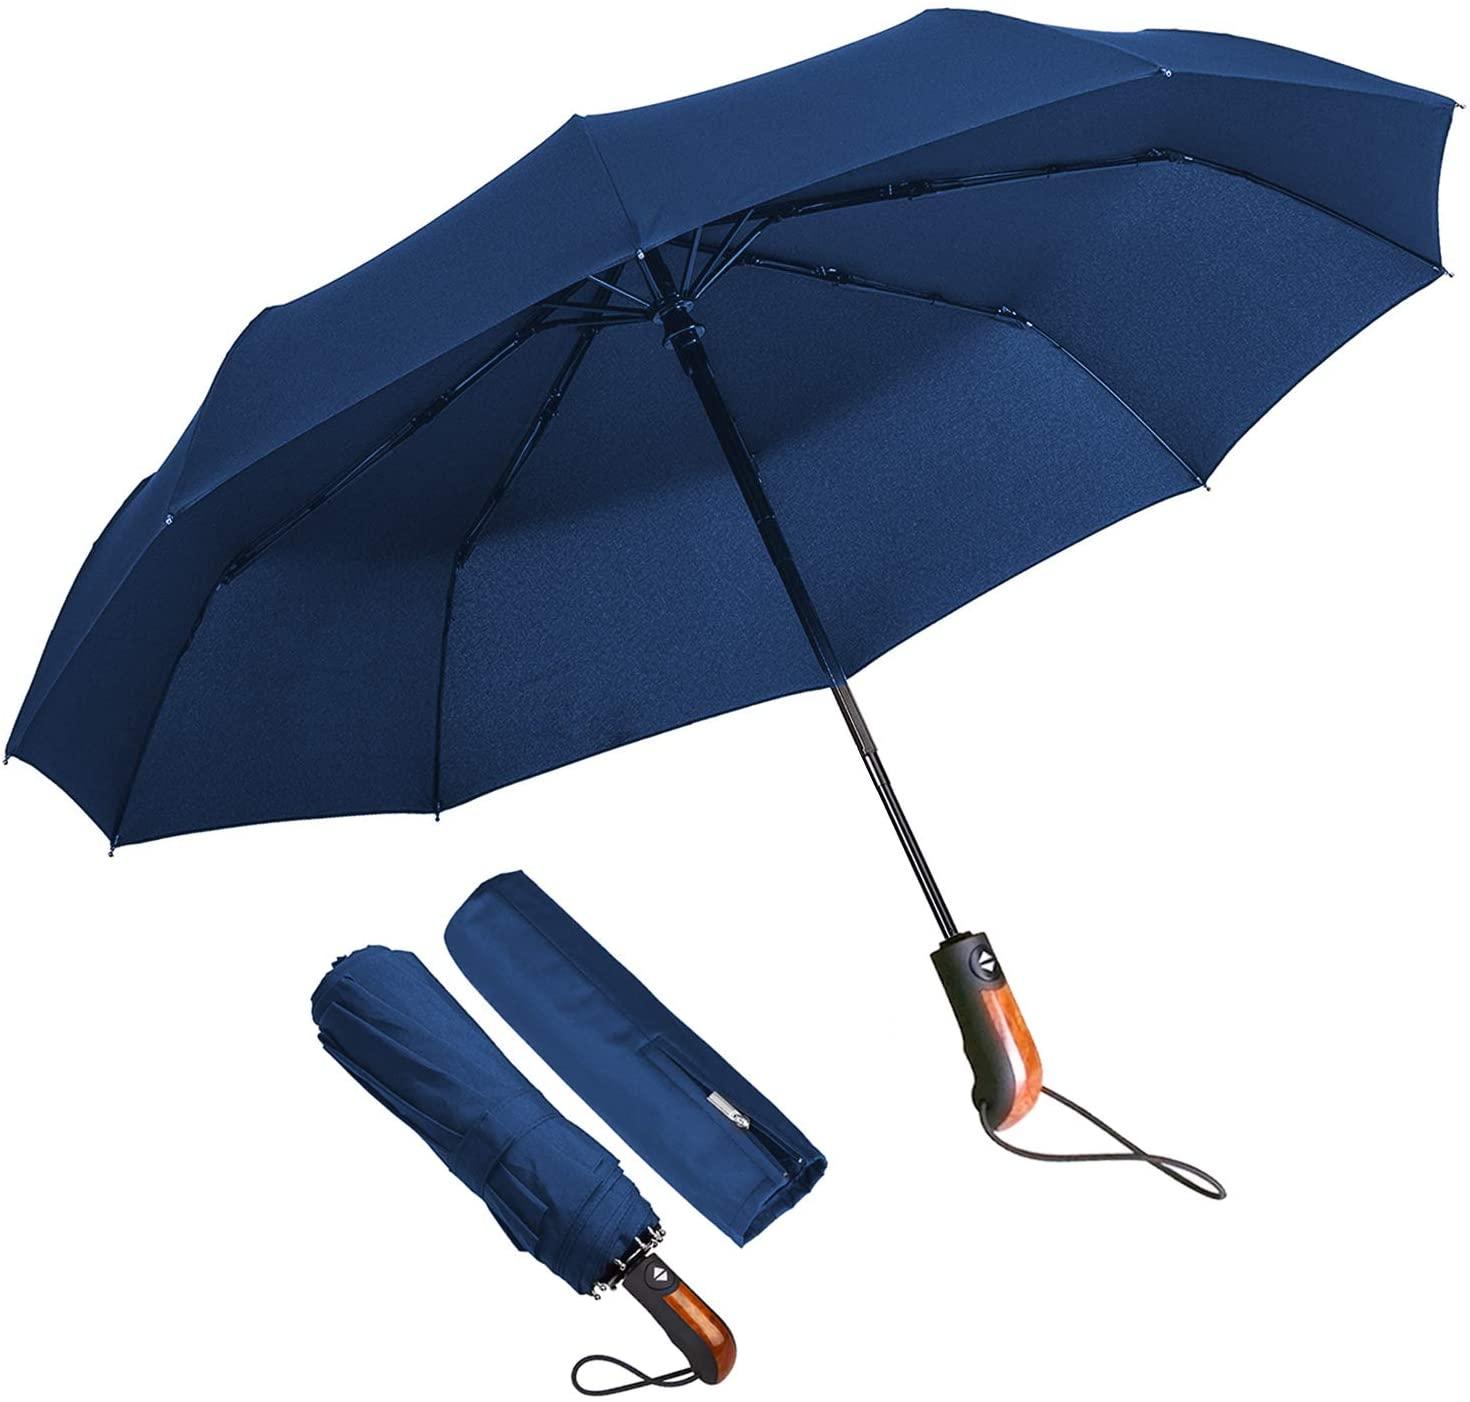 Paraguas plegable compacto